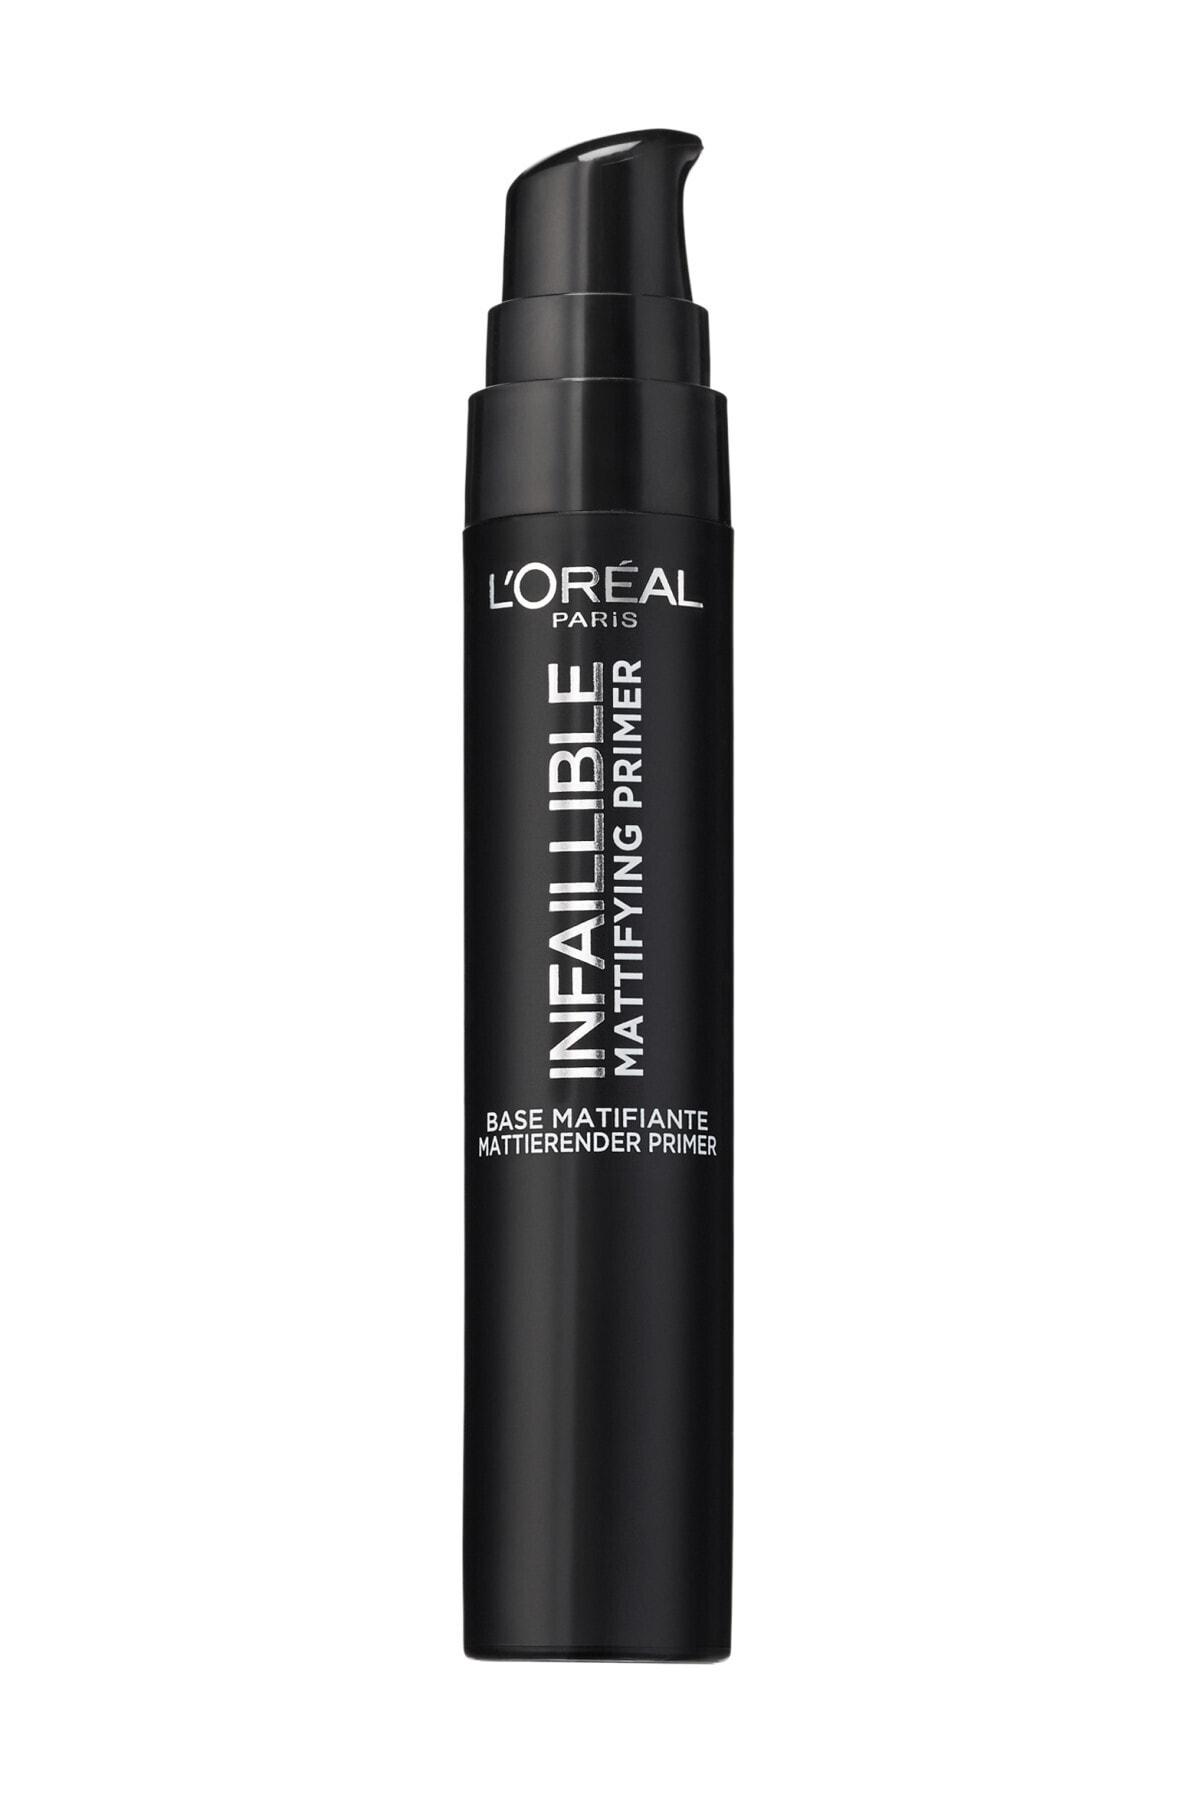 L'Oreal Paris Matlaştırıcı Makyaj Bazı - Infaillible Mattifying Primer 3600523530939 1